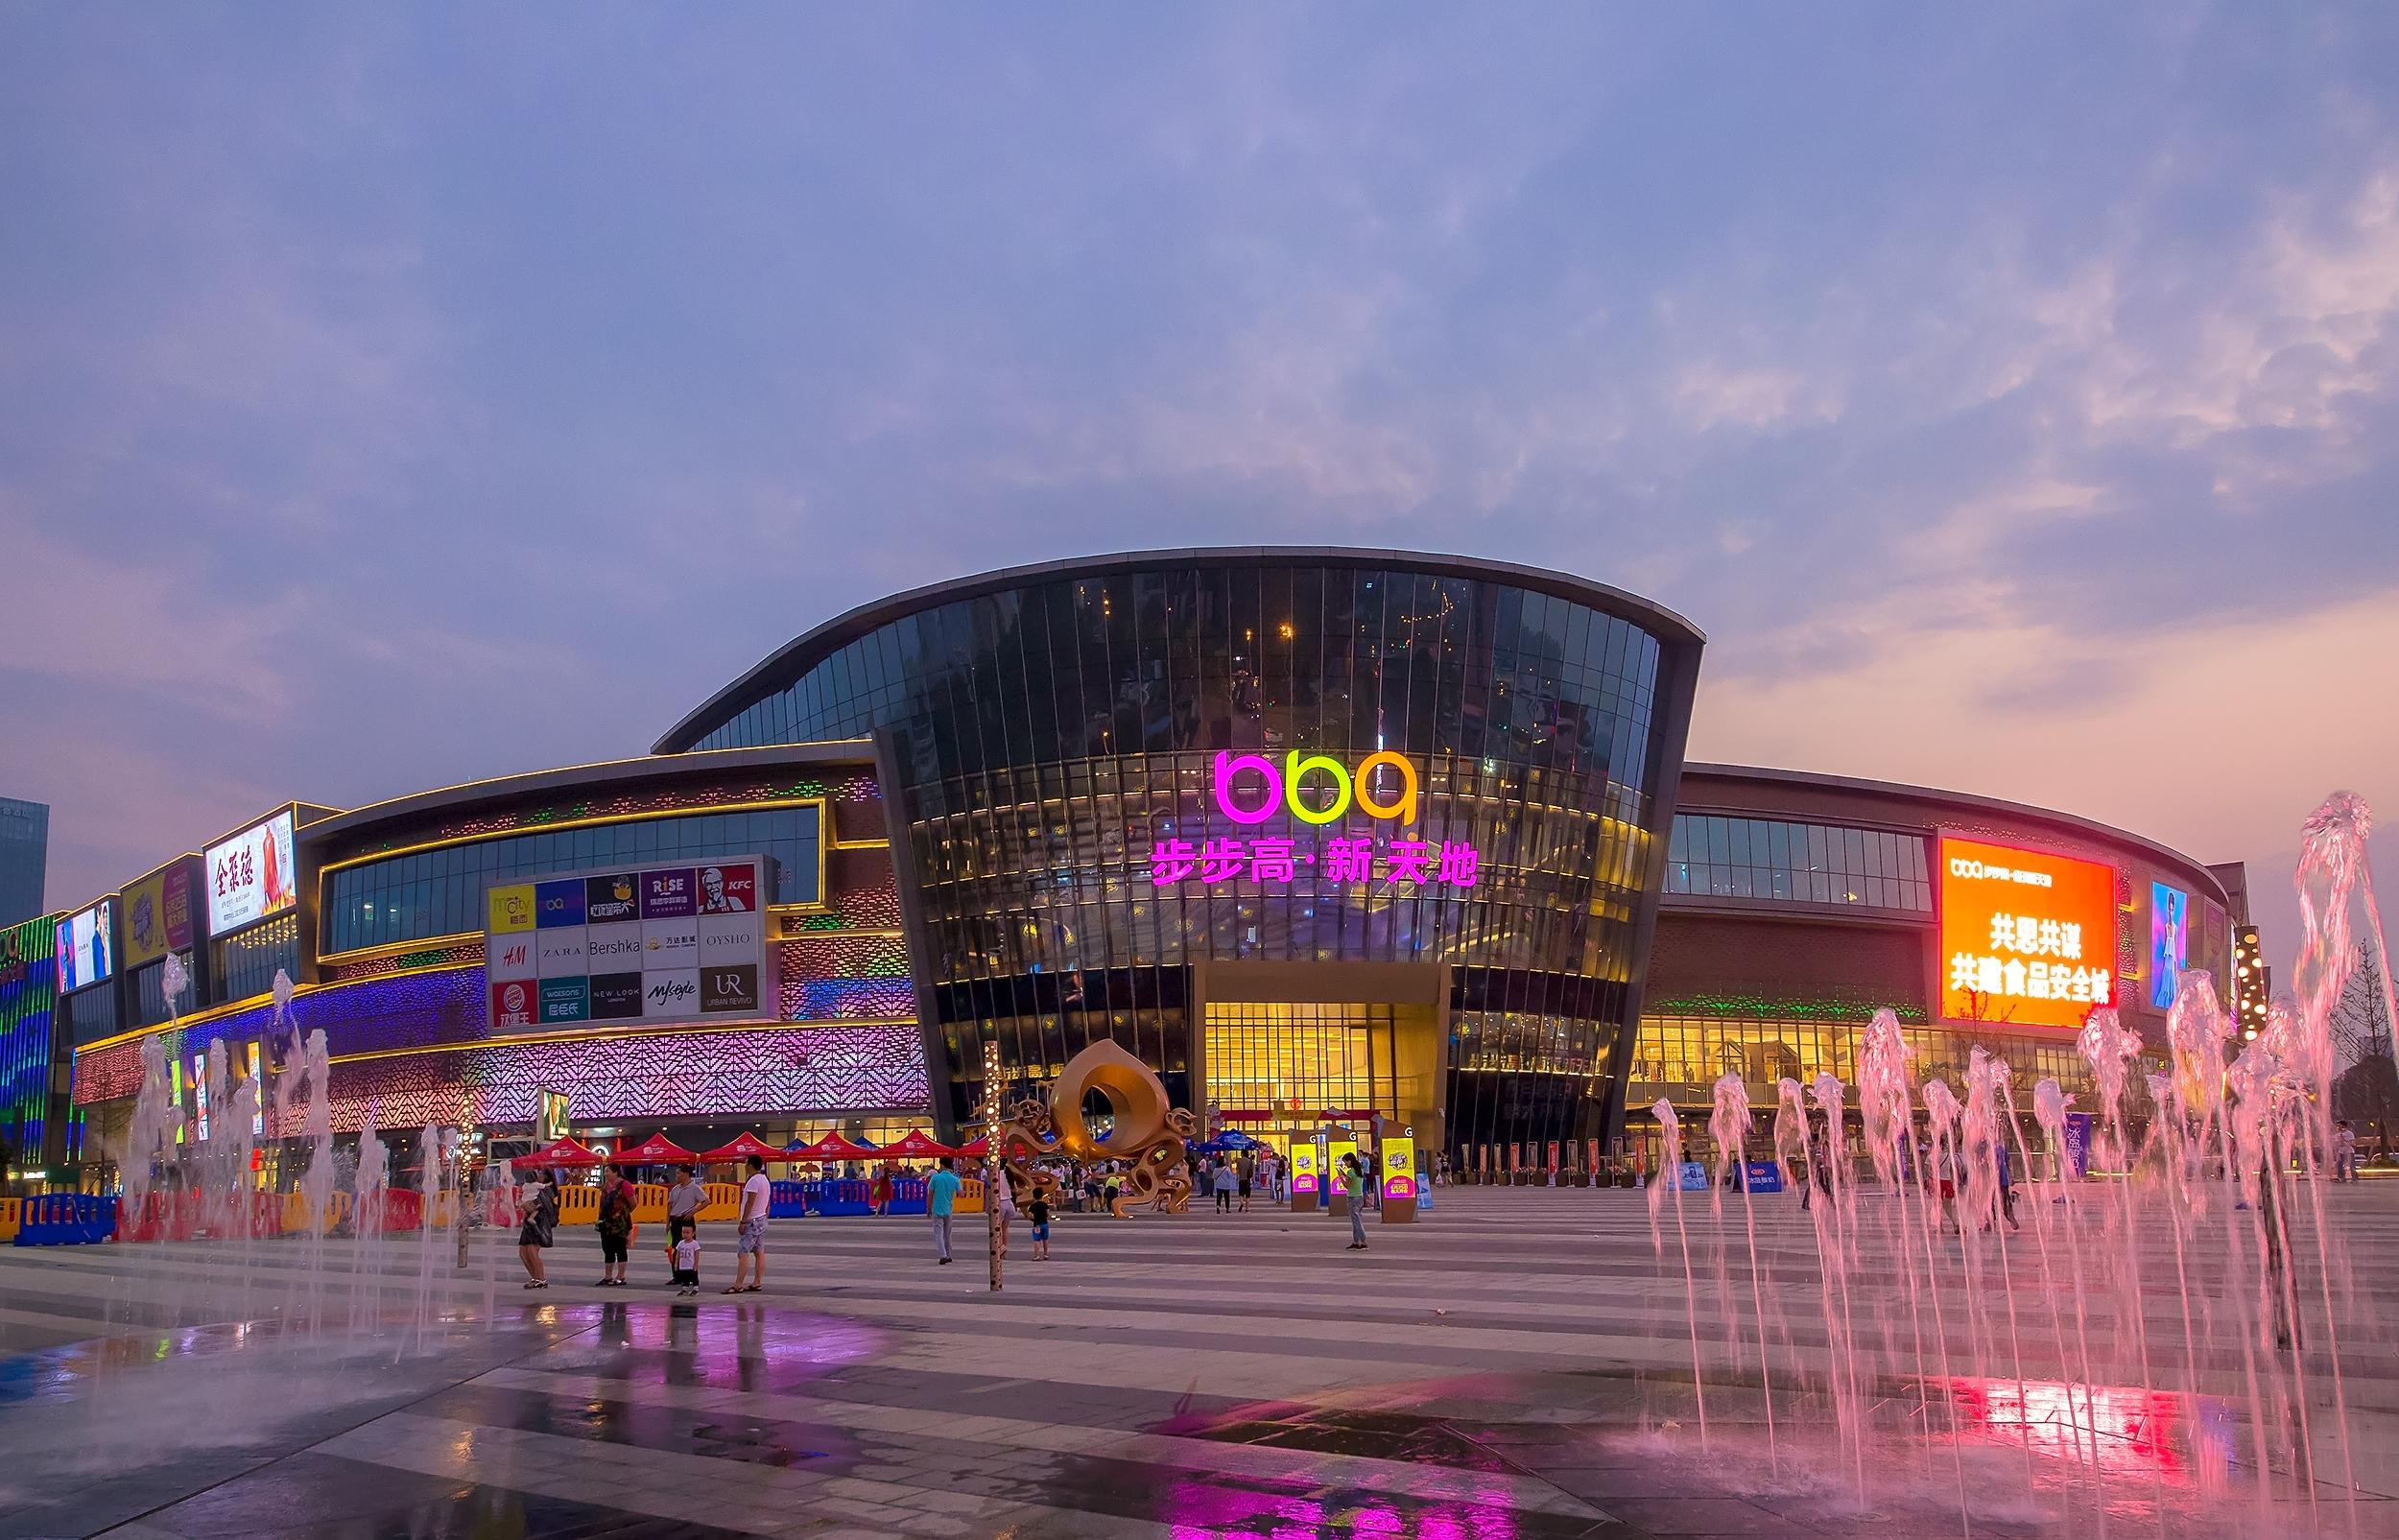 娱乐城线上赌博:零售界两会代表,这样看待新零售时代的电商与店商关系_|_两会之一事众议